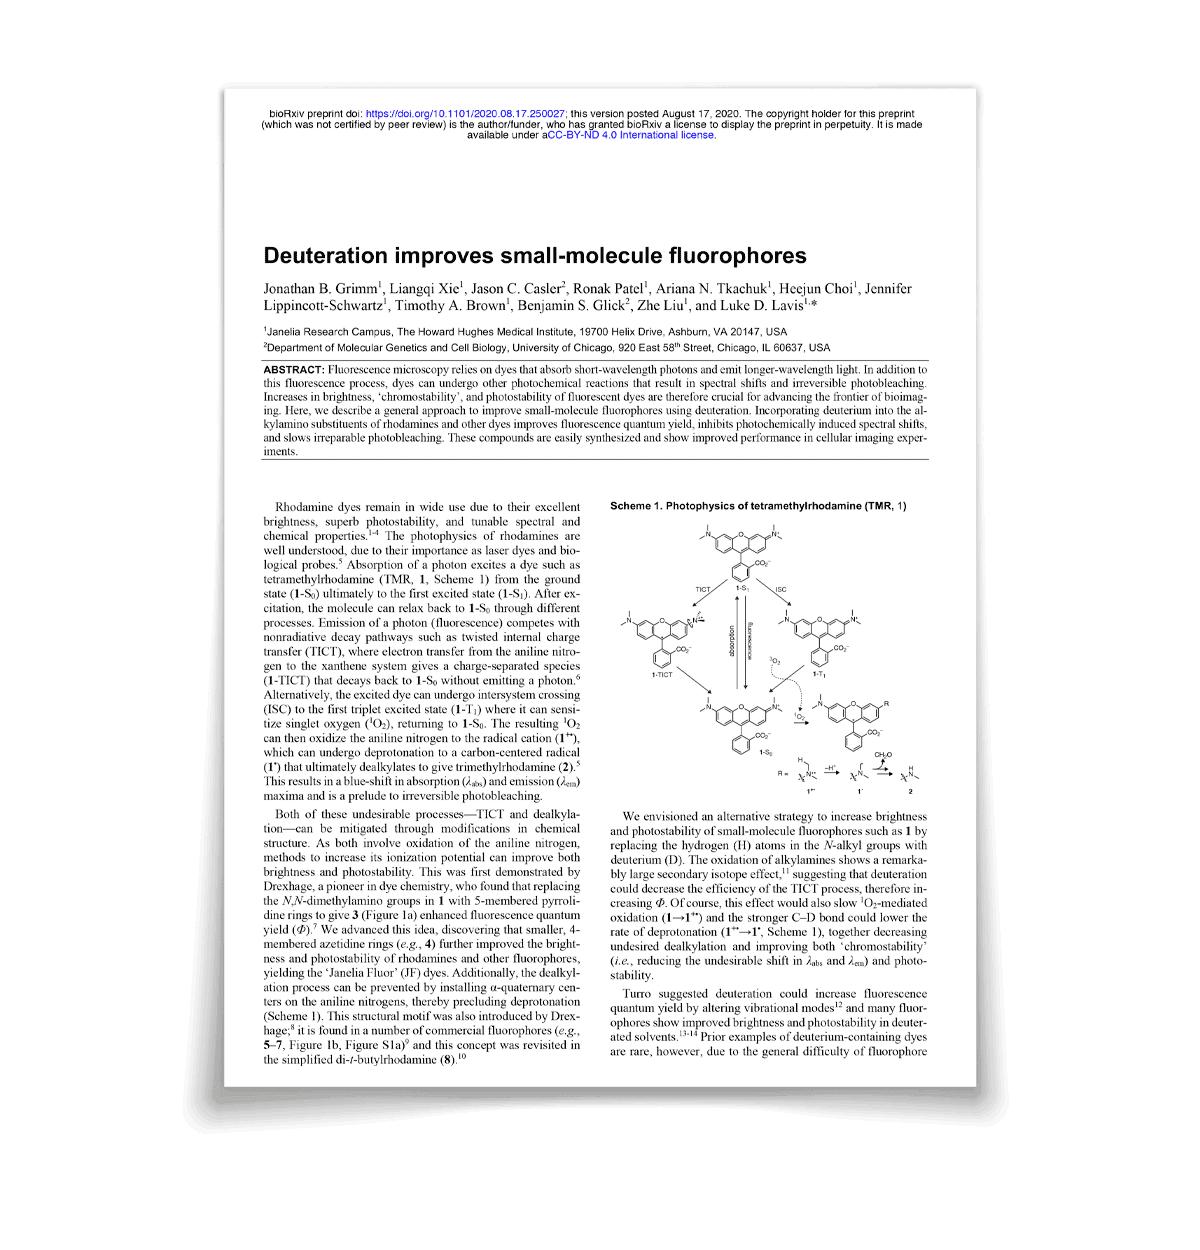 Deuteration improves small-molecule fluorophores